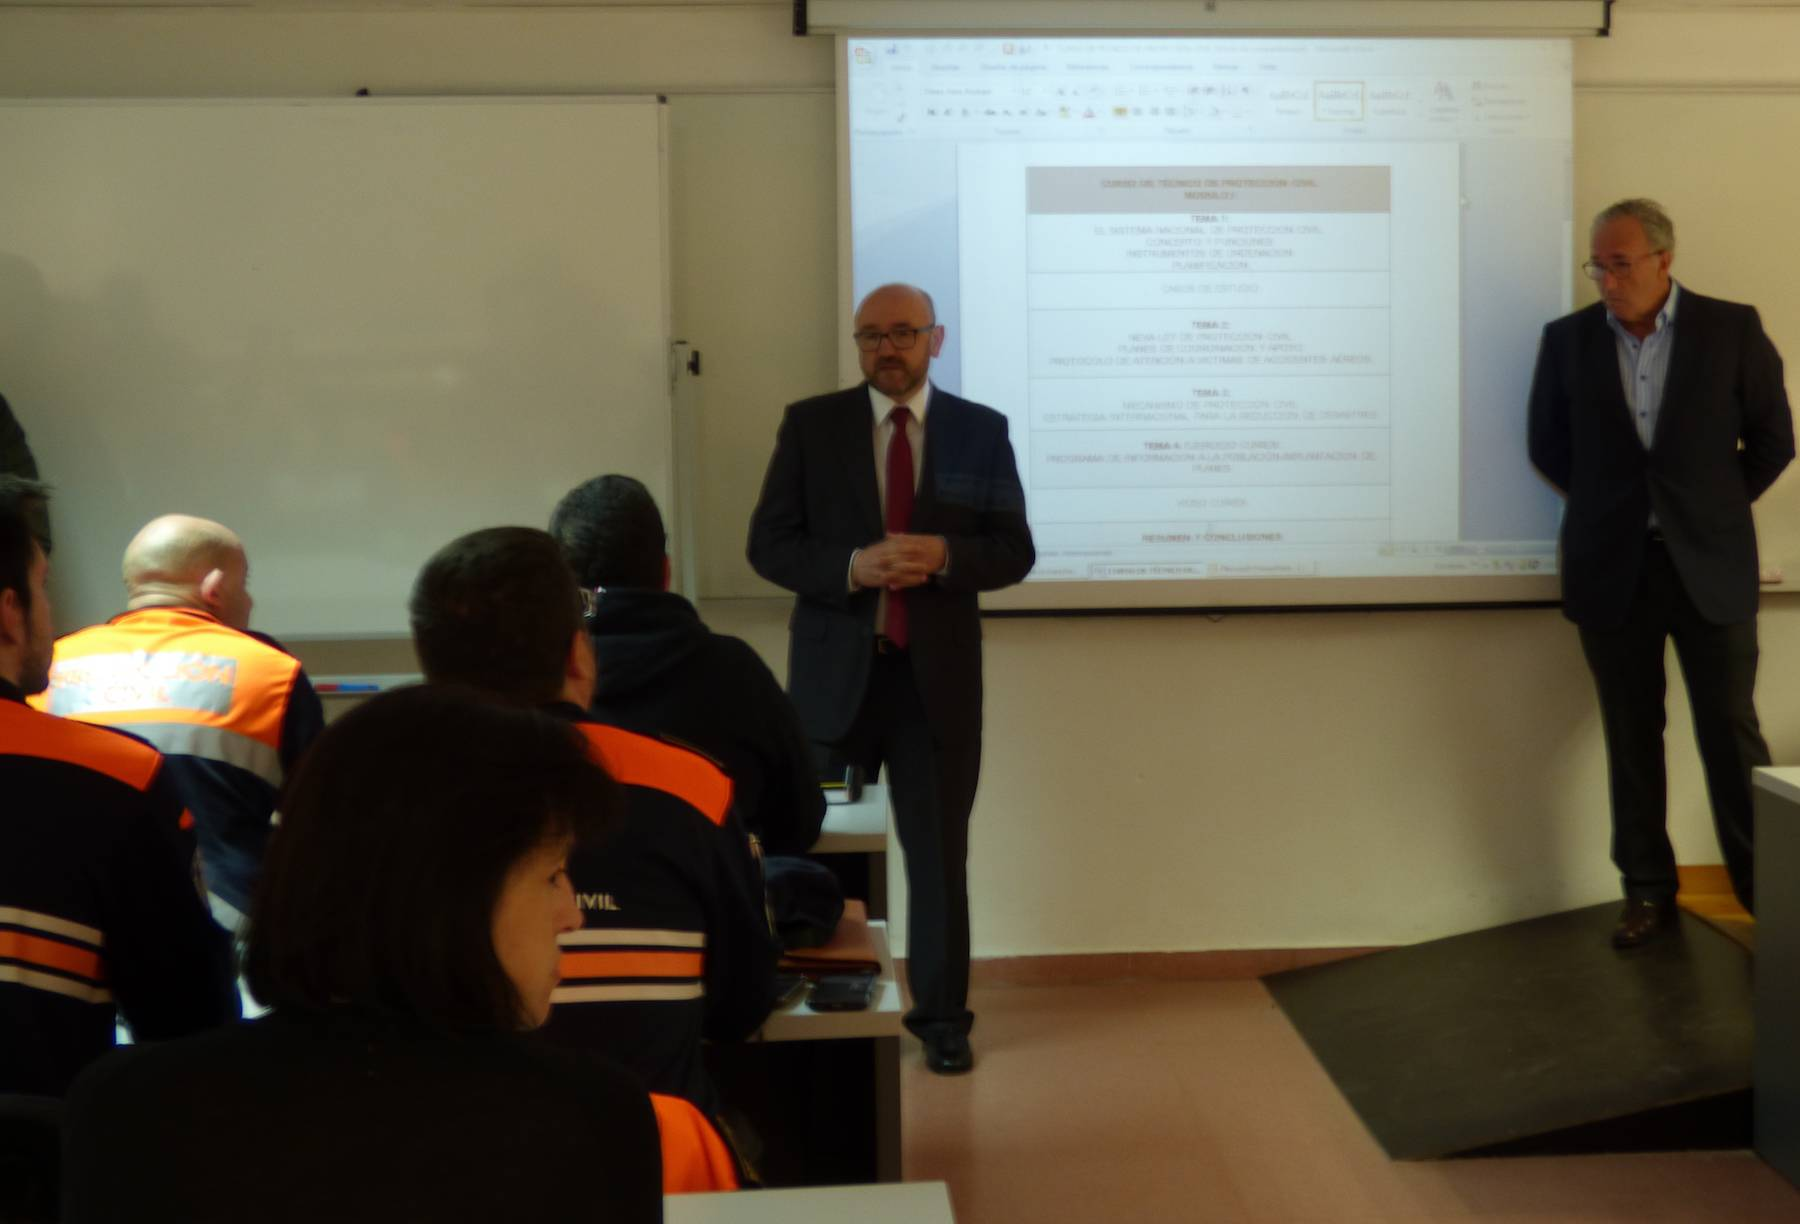 escuelas de proteccion ciudadana - cursos de abril 2016